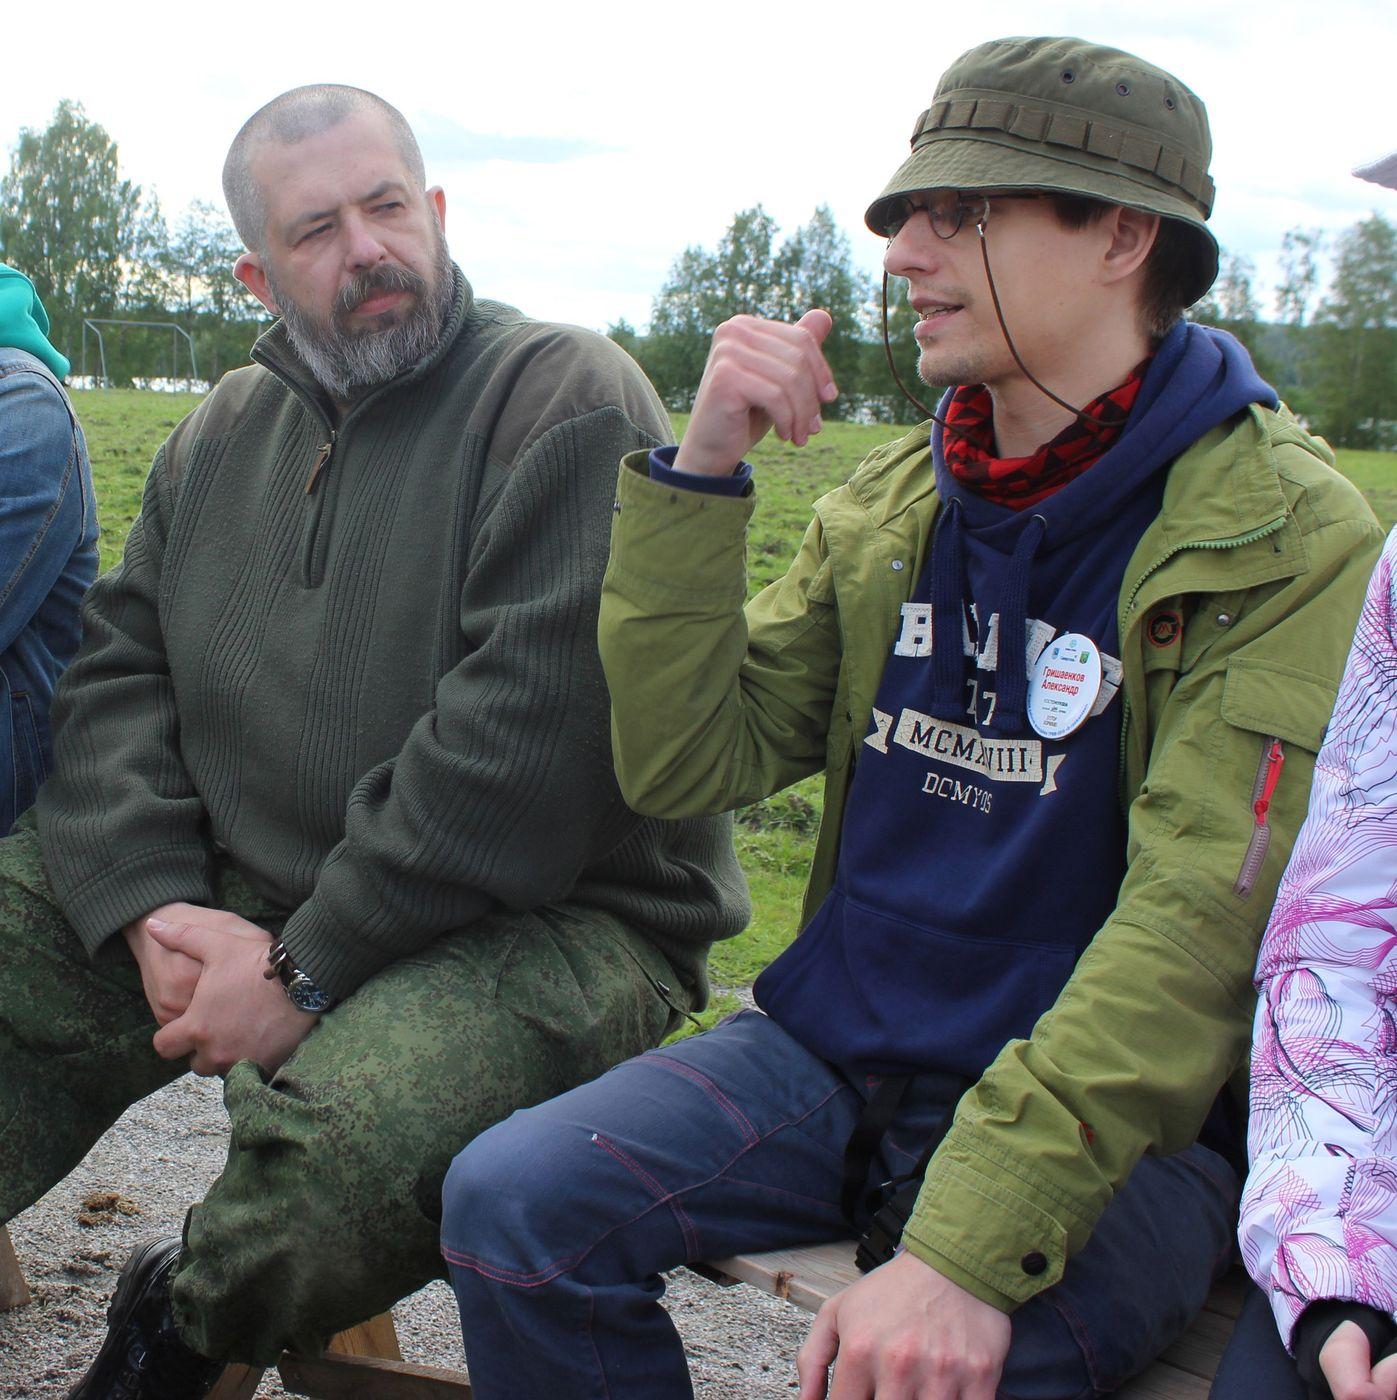 Евгений Колков и Александр Гришаенков на форуме «ТРИМ». Фото из газеты «Новости Костомукши»